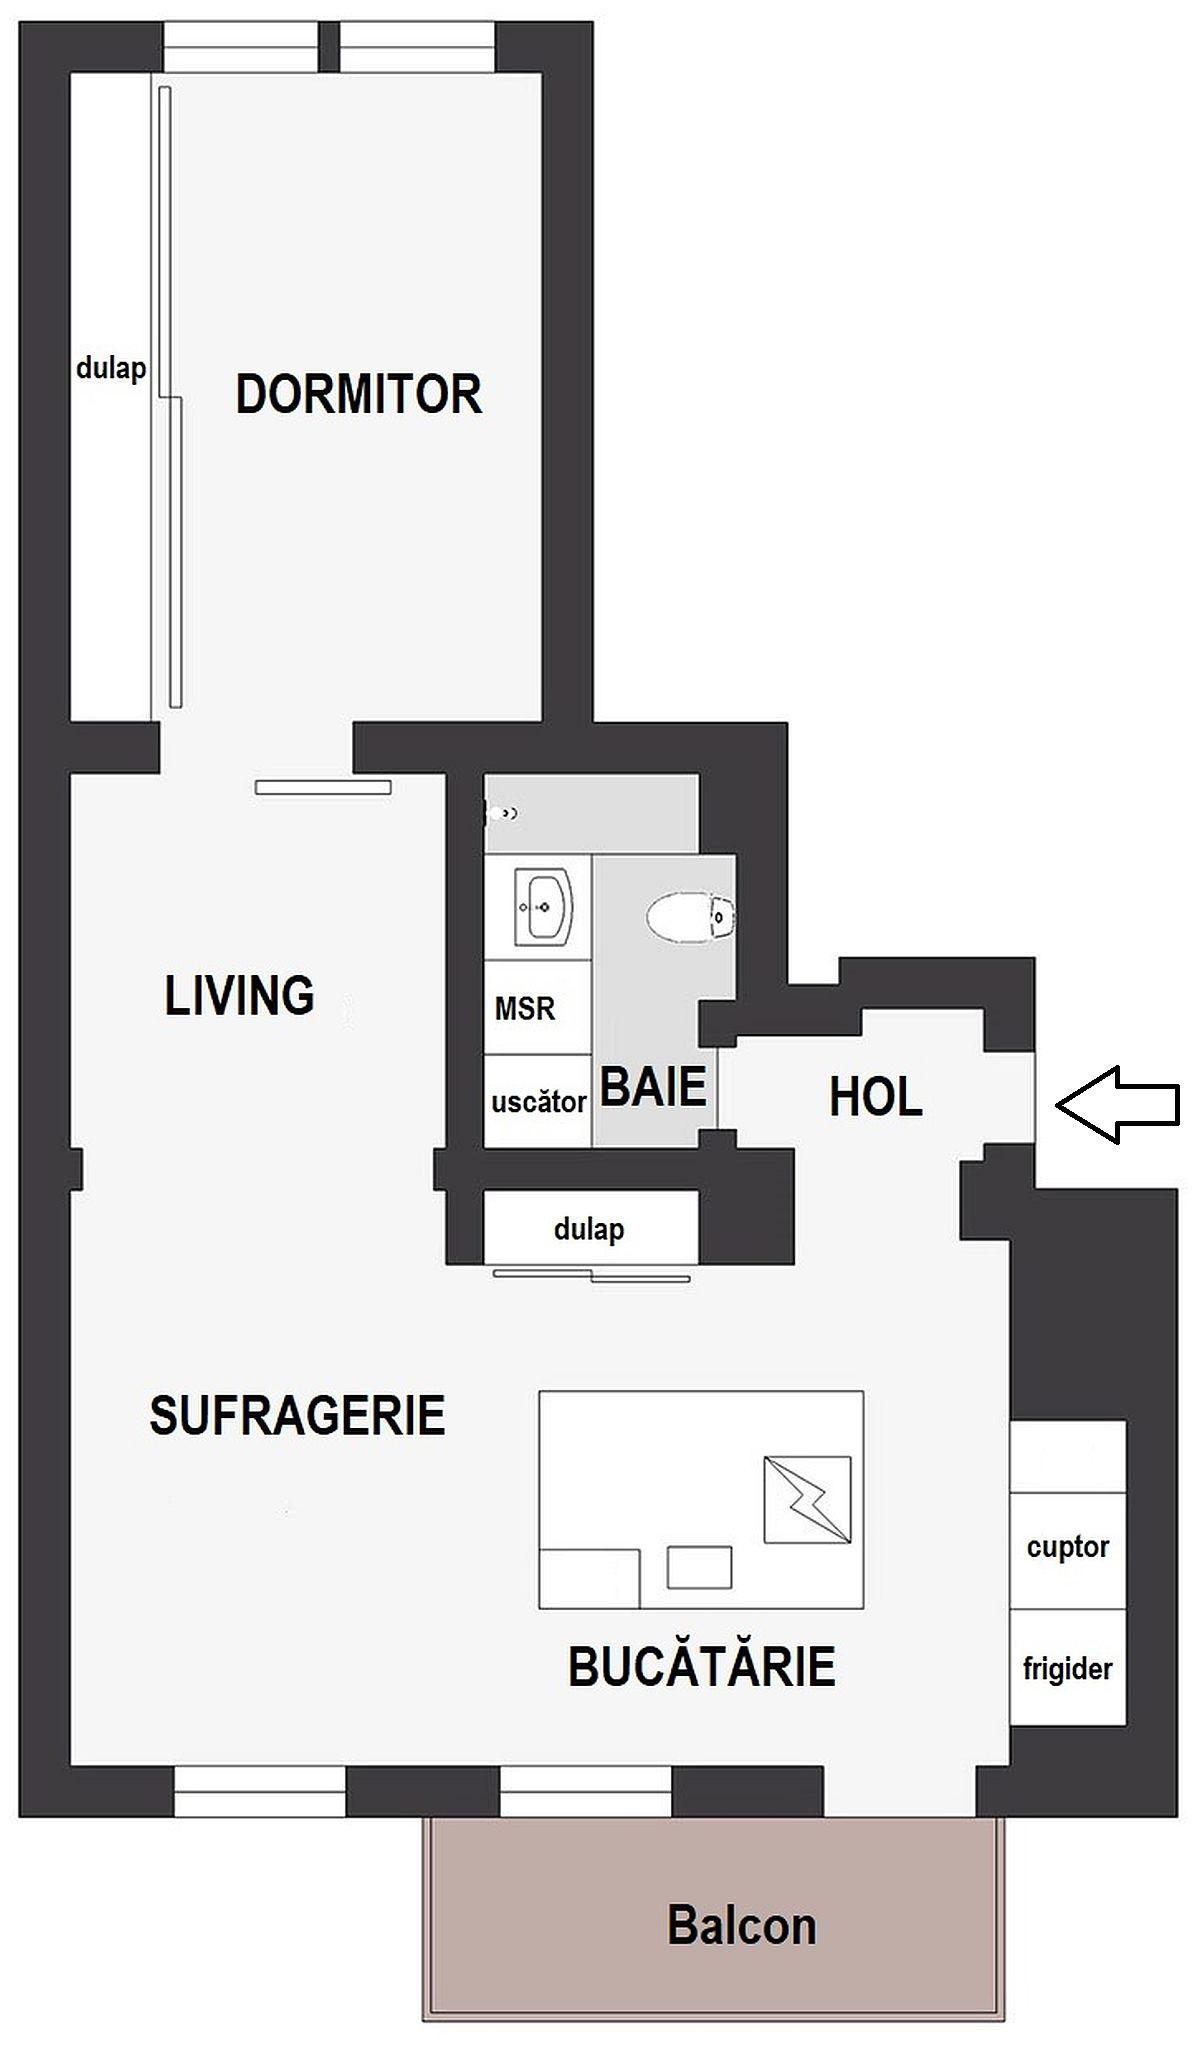 După reamenajare cea mai generoasă cameră a fost alocată dormitorului, unde spațiul de depozitare este simplu, dar excelent configurat și foarte încăpător. Zona de living este la granița dintre zona de odihnă și sufragerie, locul cel mai întunecos fiind numai bunpentru amplasarea televizorului. Către zona de intrare în casă tot planul este deschis, ceea ce contribuie la o mai bună circulație de a luminii naturale.